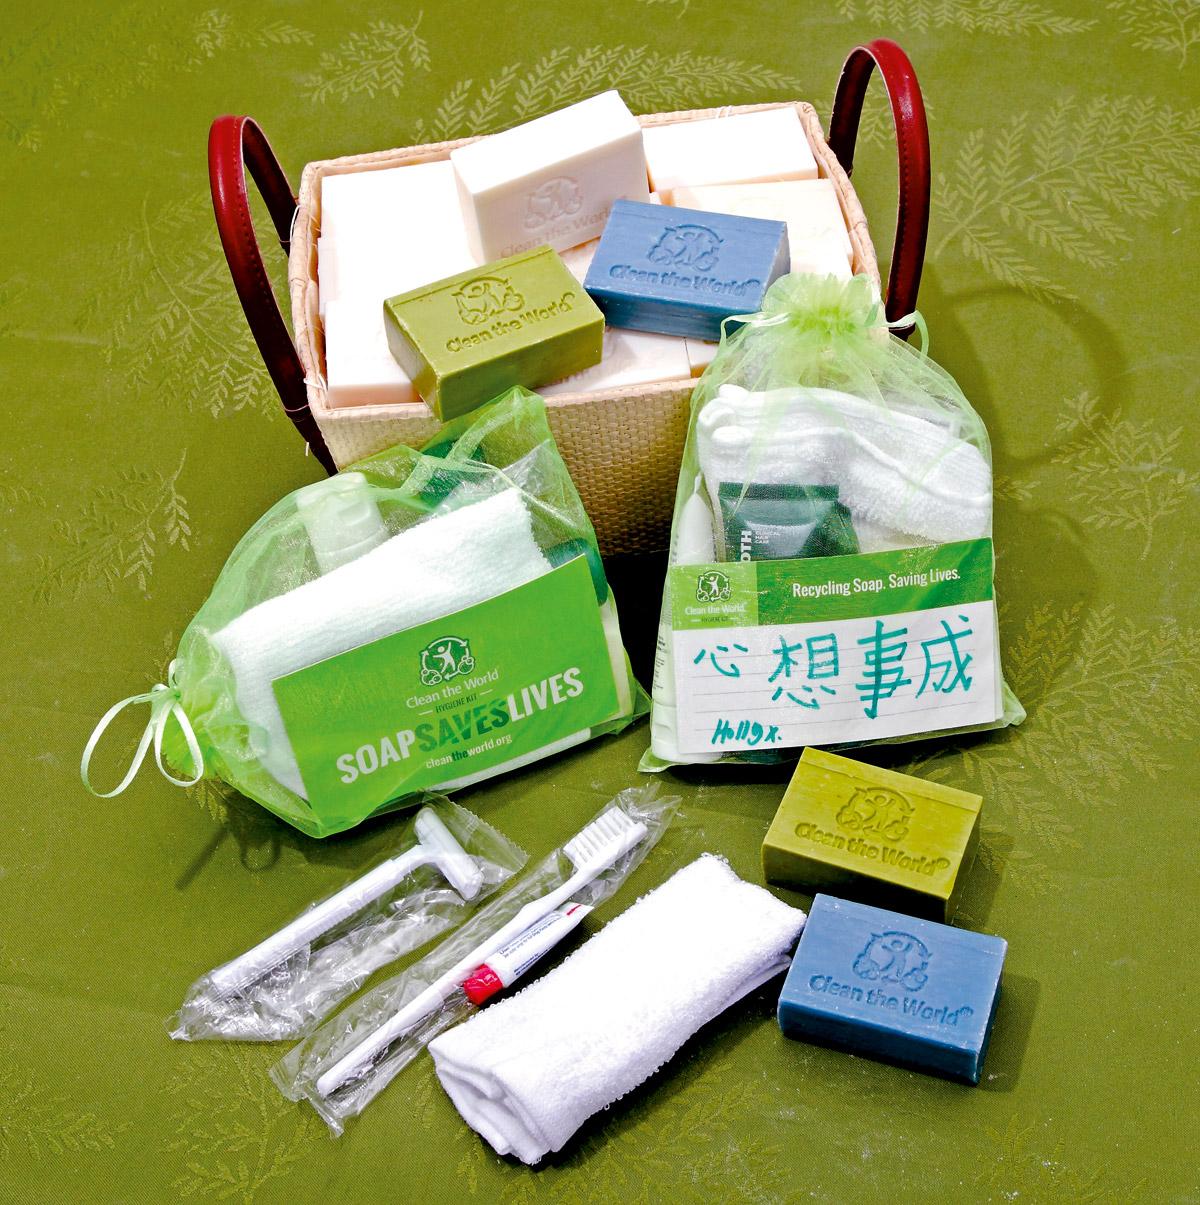 潔世的衛生用品包有一至兩塊肥皂、毛巾、牙刷及剃刀,還有受惠者的心意卡,可供企業贊助購買。